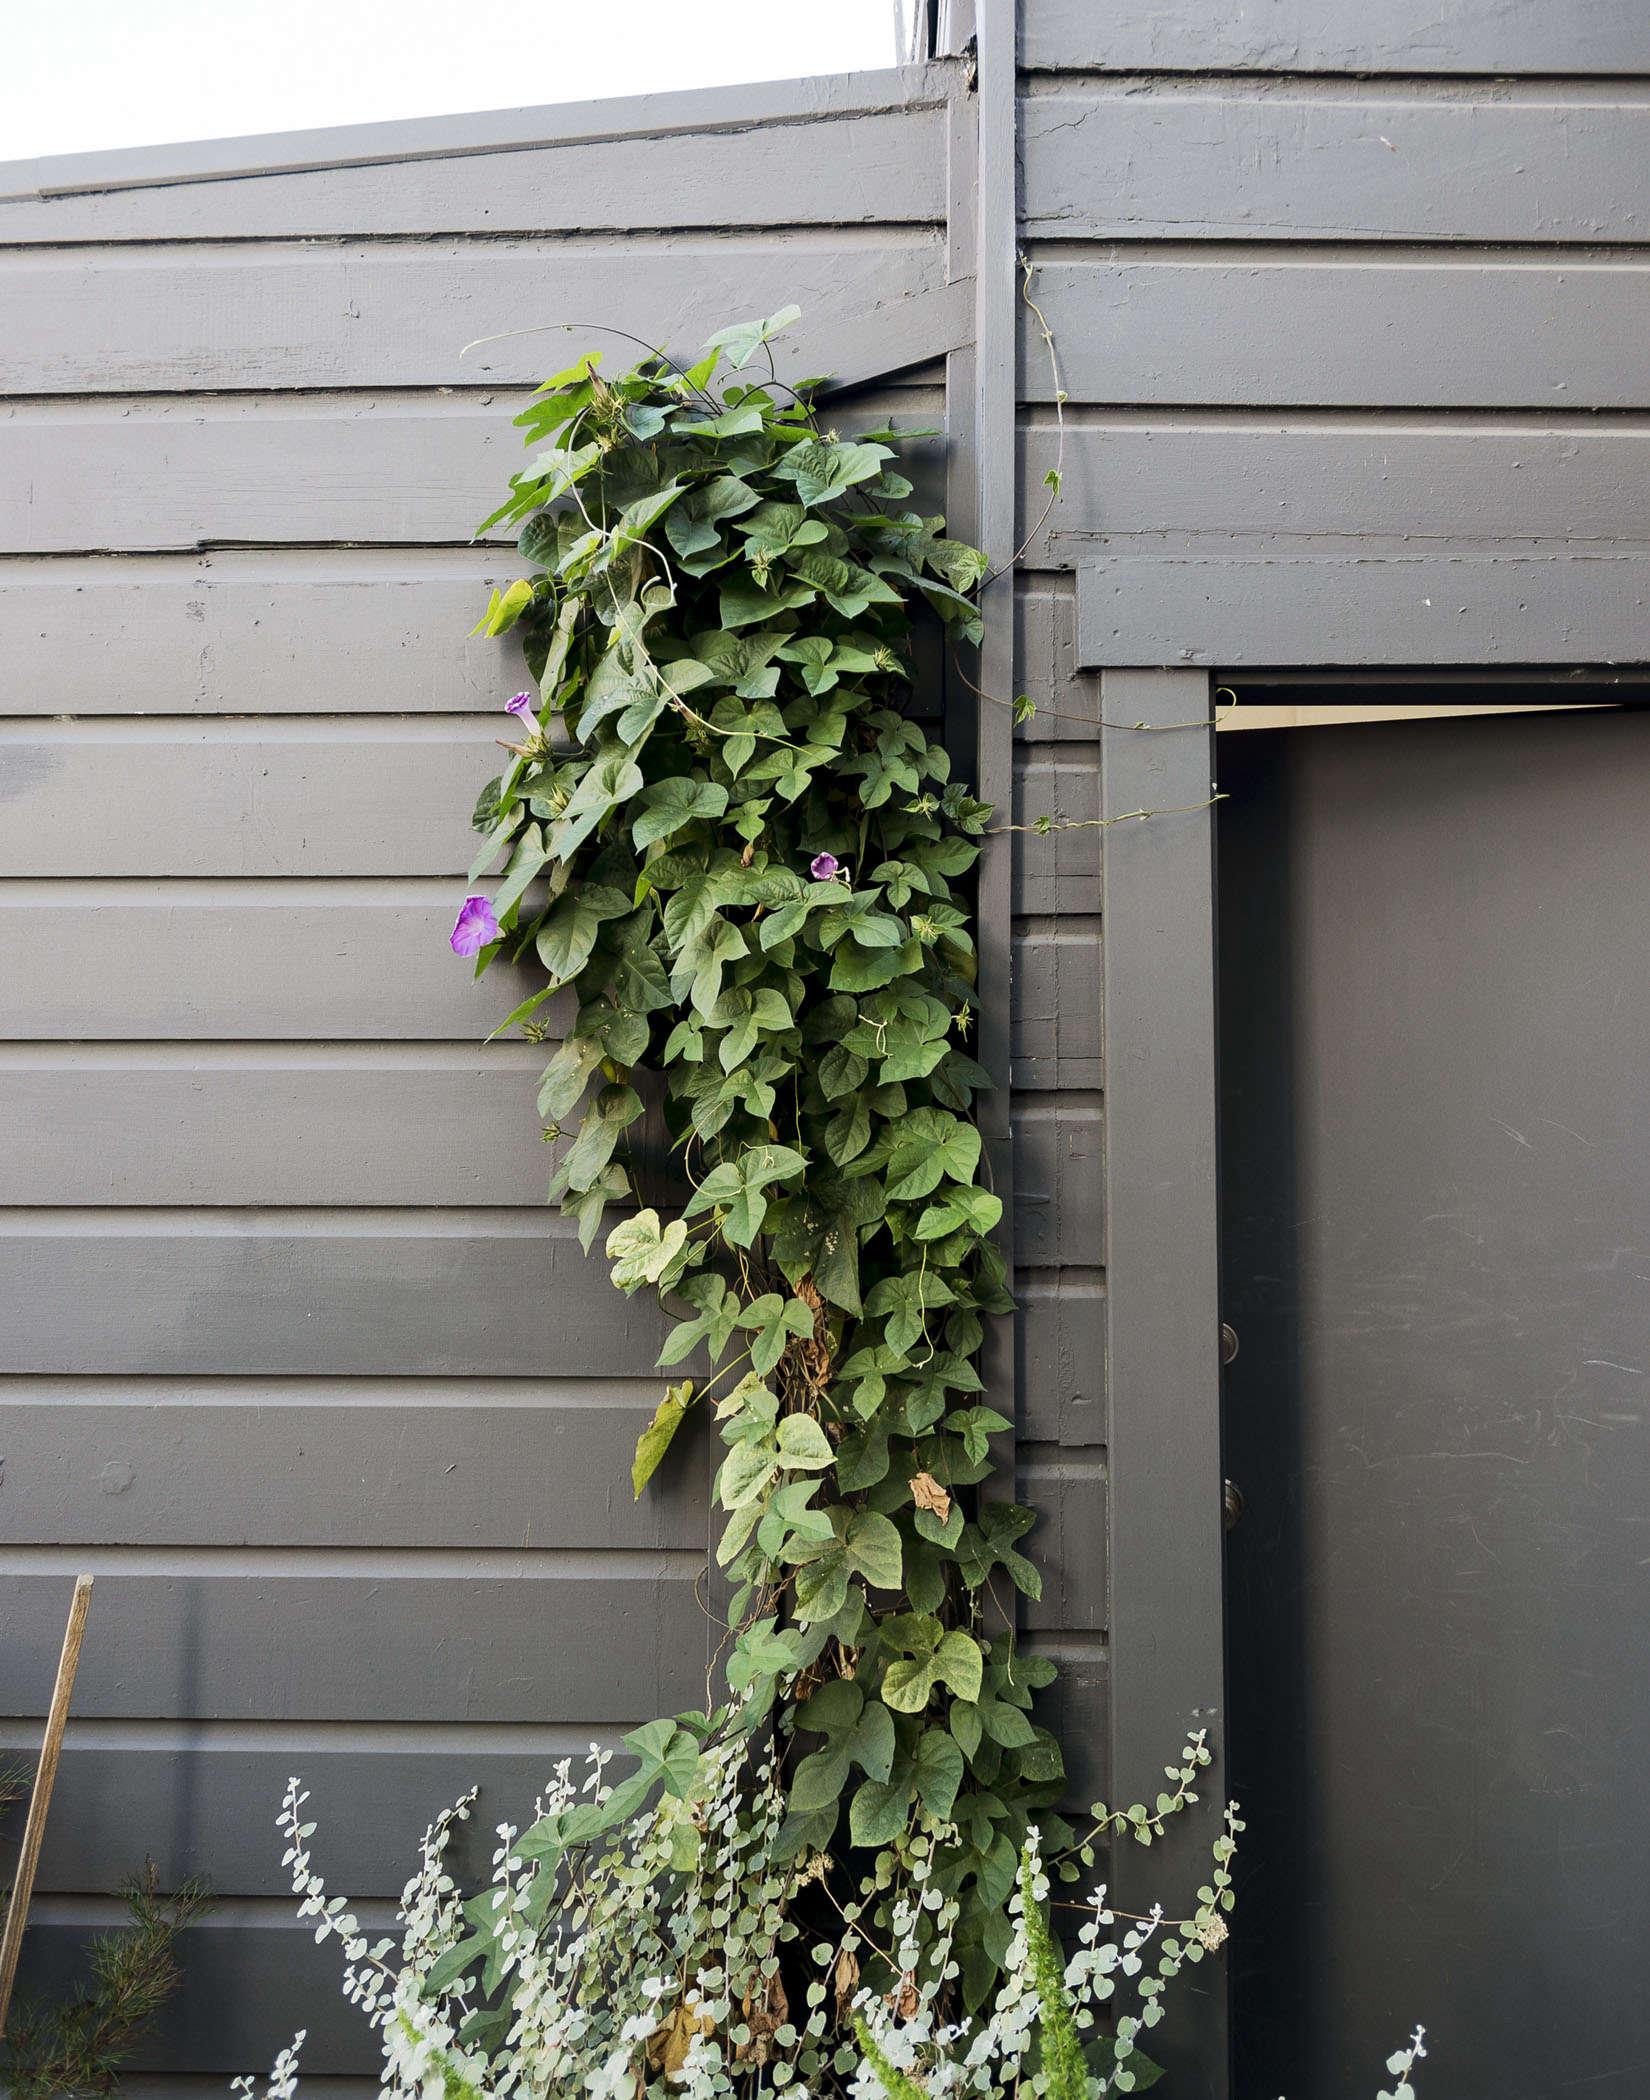 klein-garden-mission-san-francisco-gardenista-morning-glory